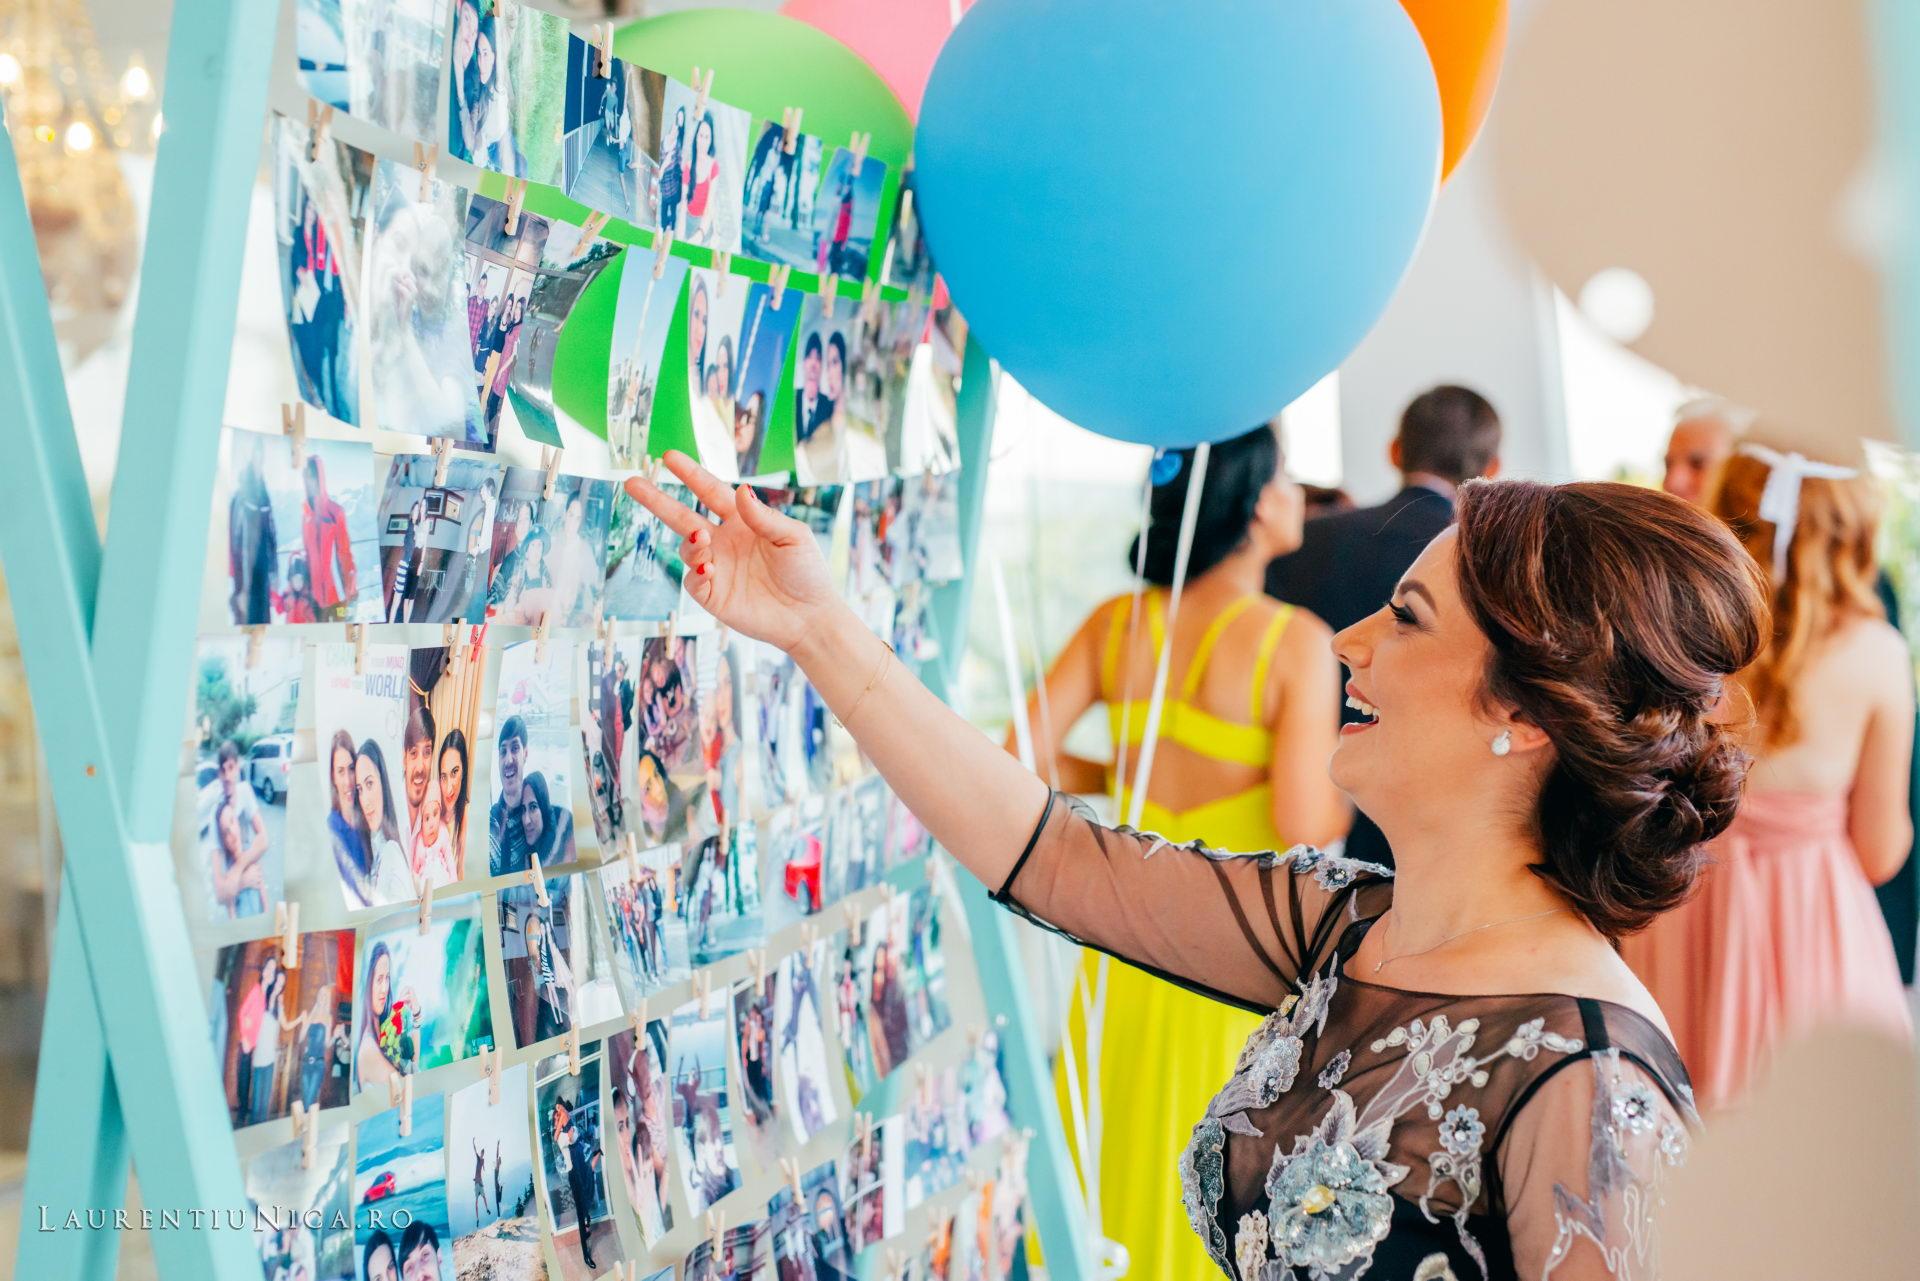 Cristina si Ovidiu nunta Craiova fotograf laurentiu nica 121 - Cristina & Ovidiu | Fotografii nunta | Craiova